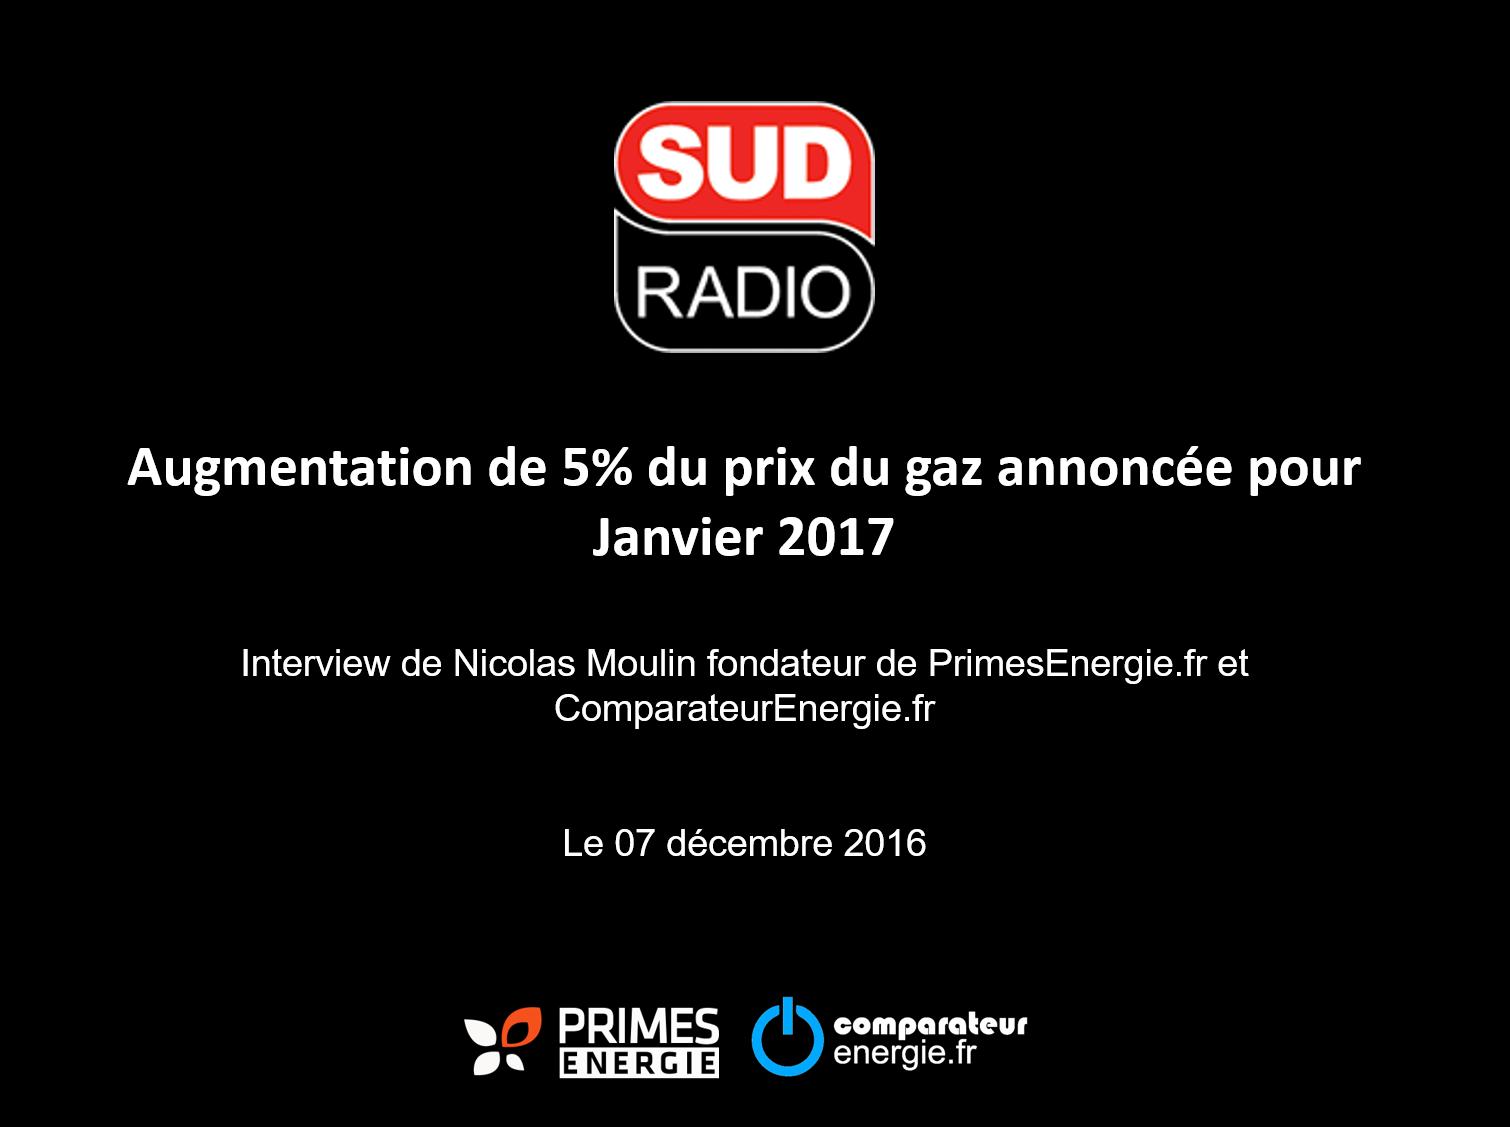 Primes énergie - Prix gaz - Sudradio - Comparateur énergie